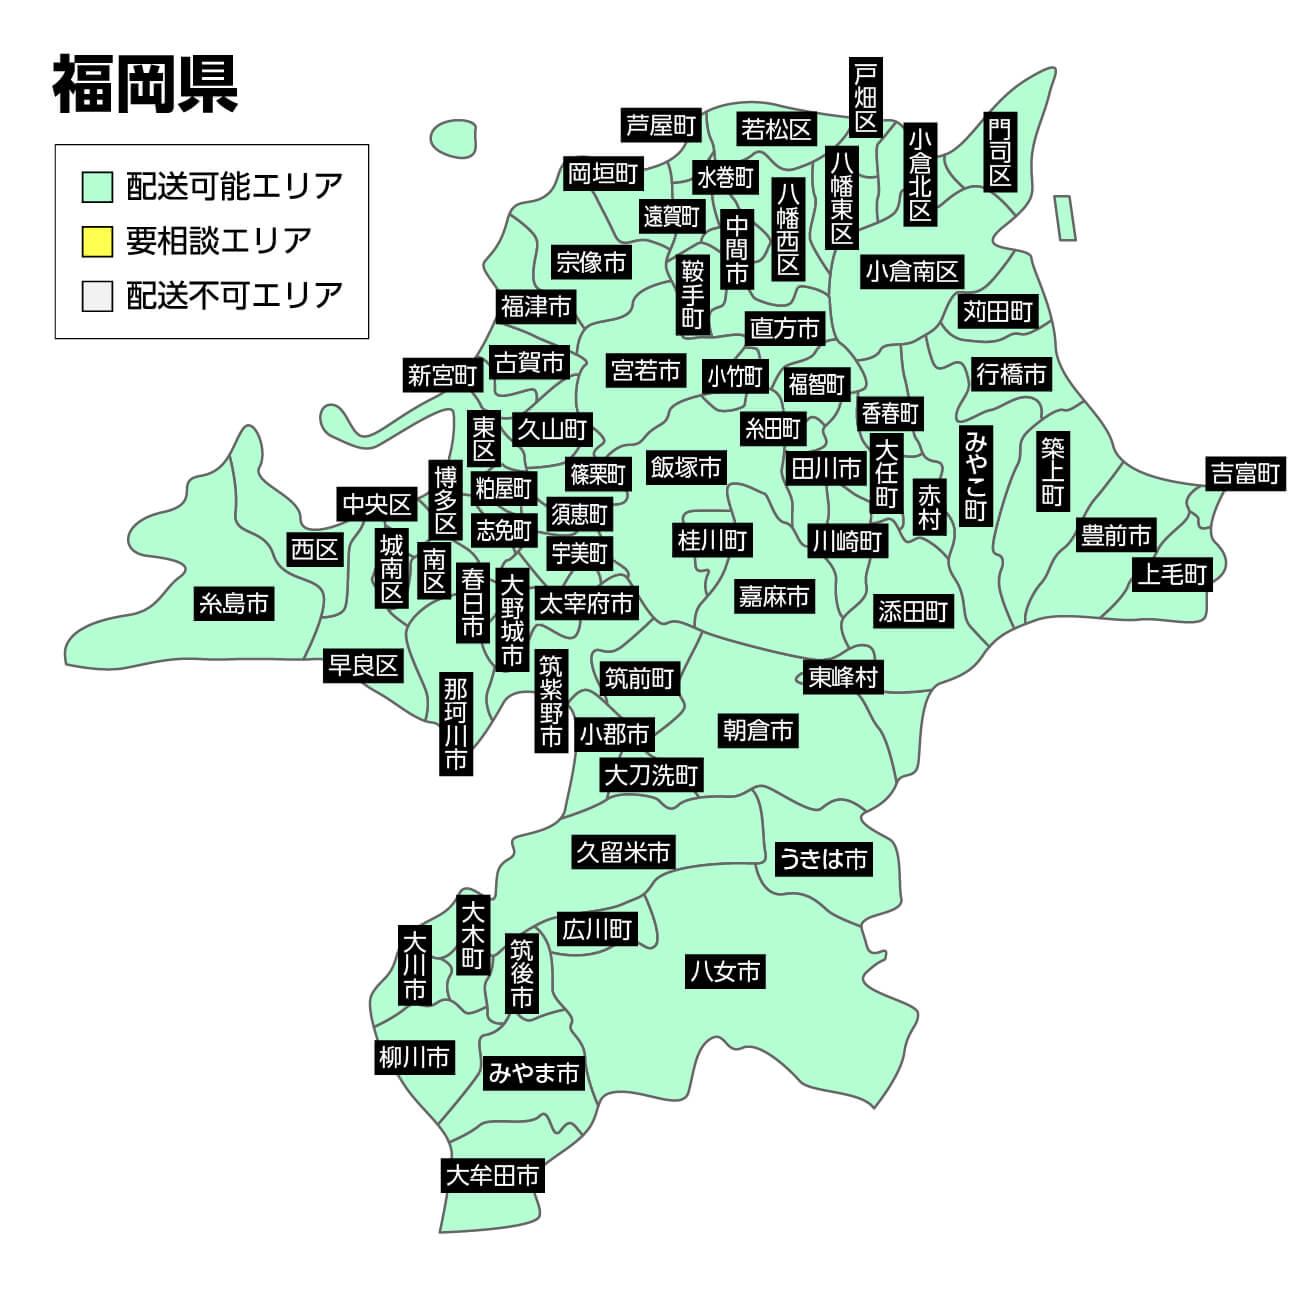 福岡県の集荷可能エリア